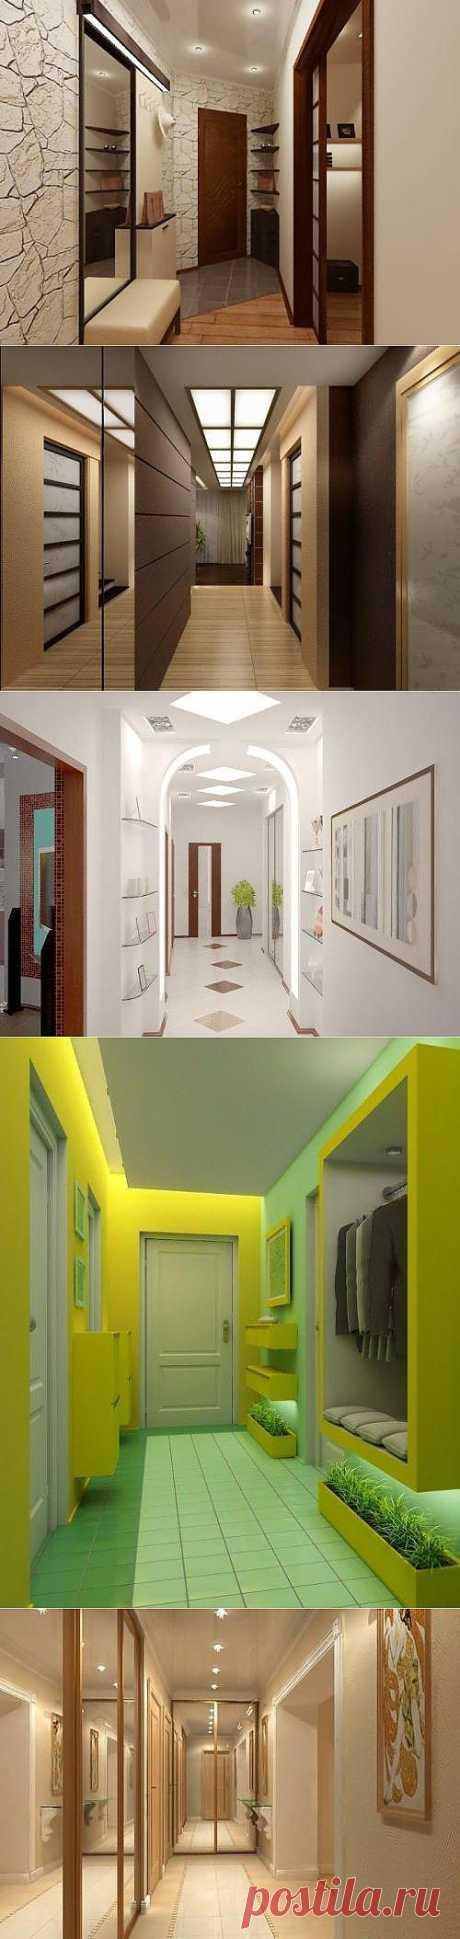 Дизайну узкой прихожей